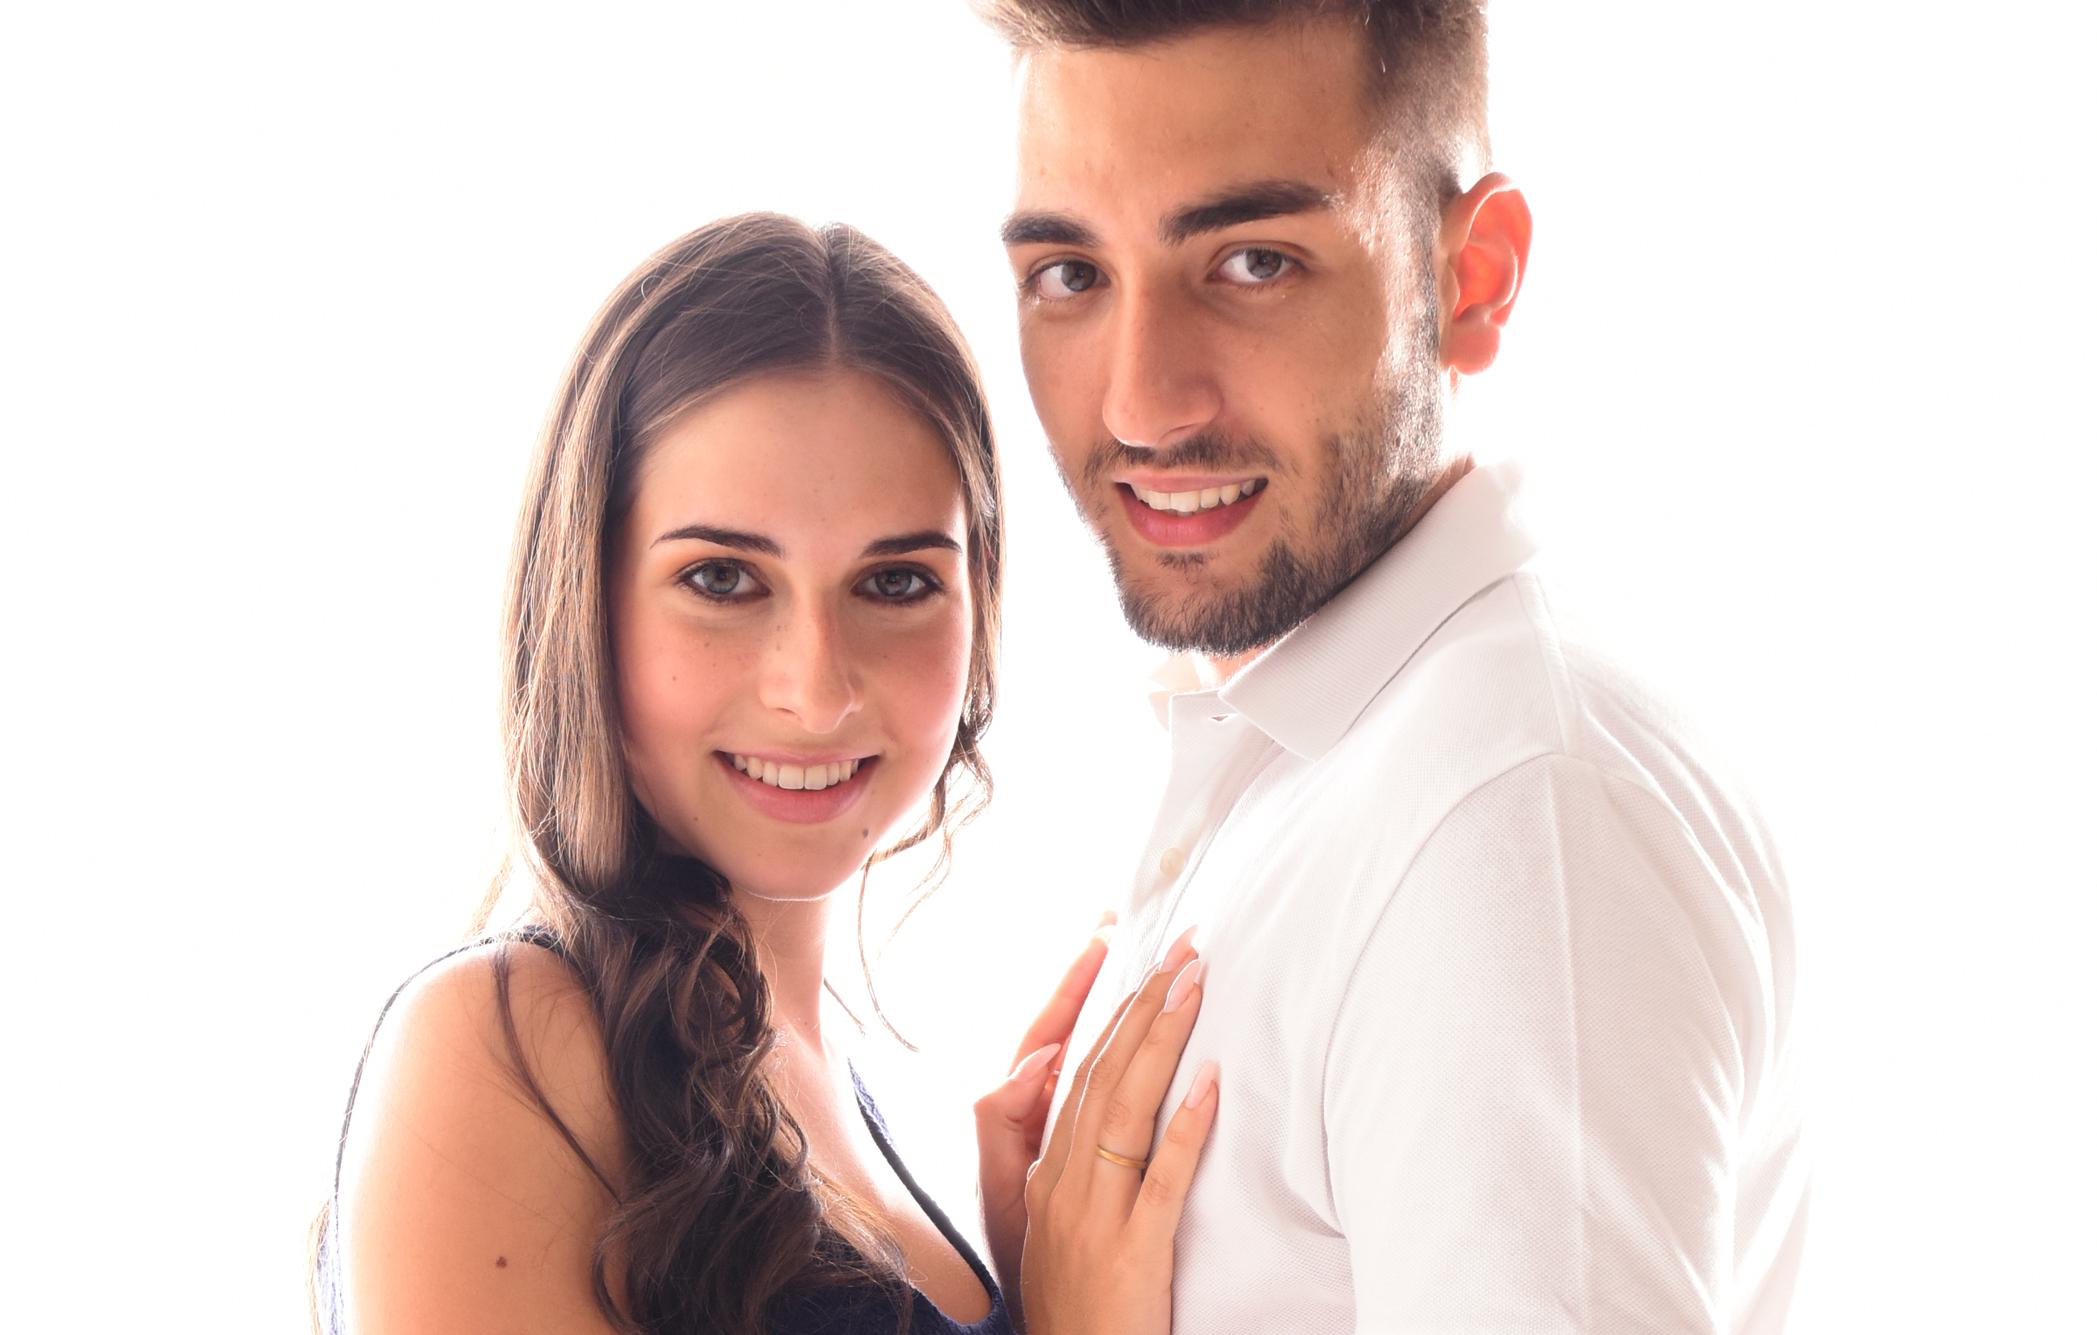 partner-fotoshooting-wiesbaden-bg1